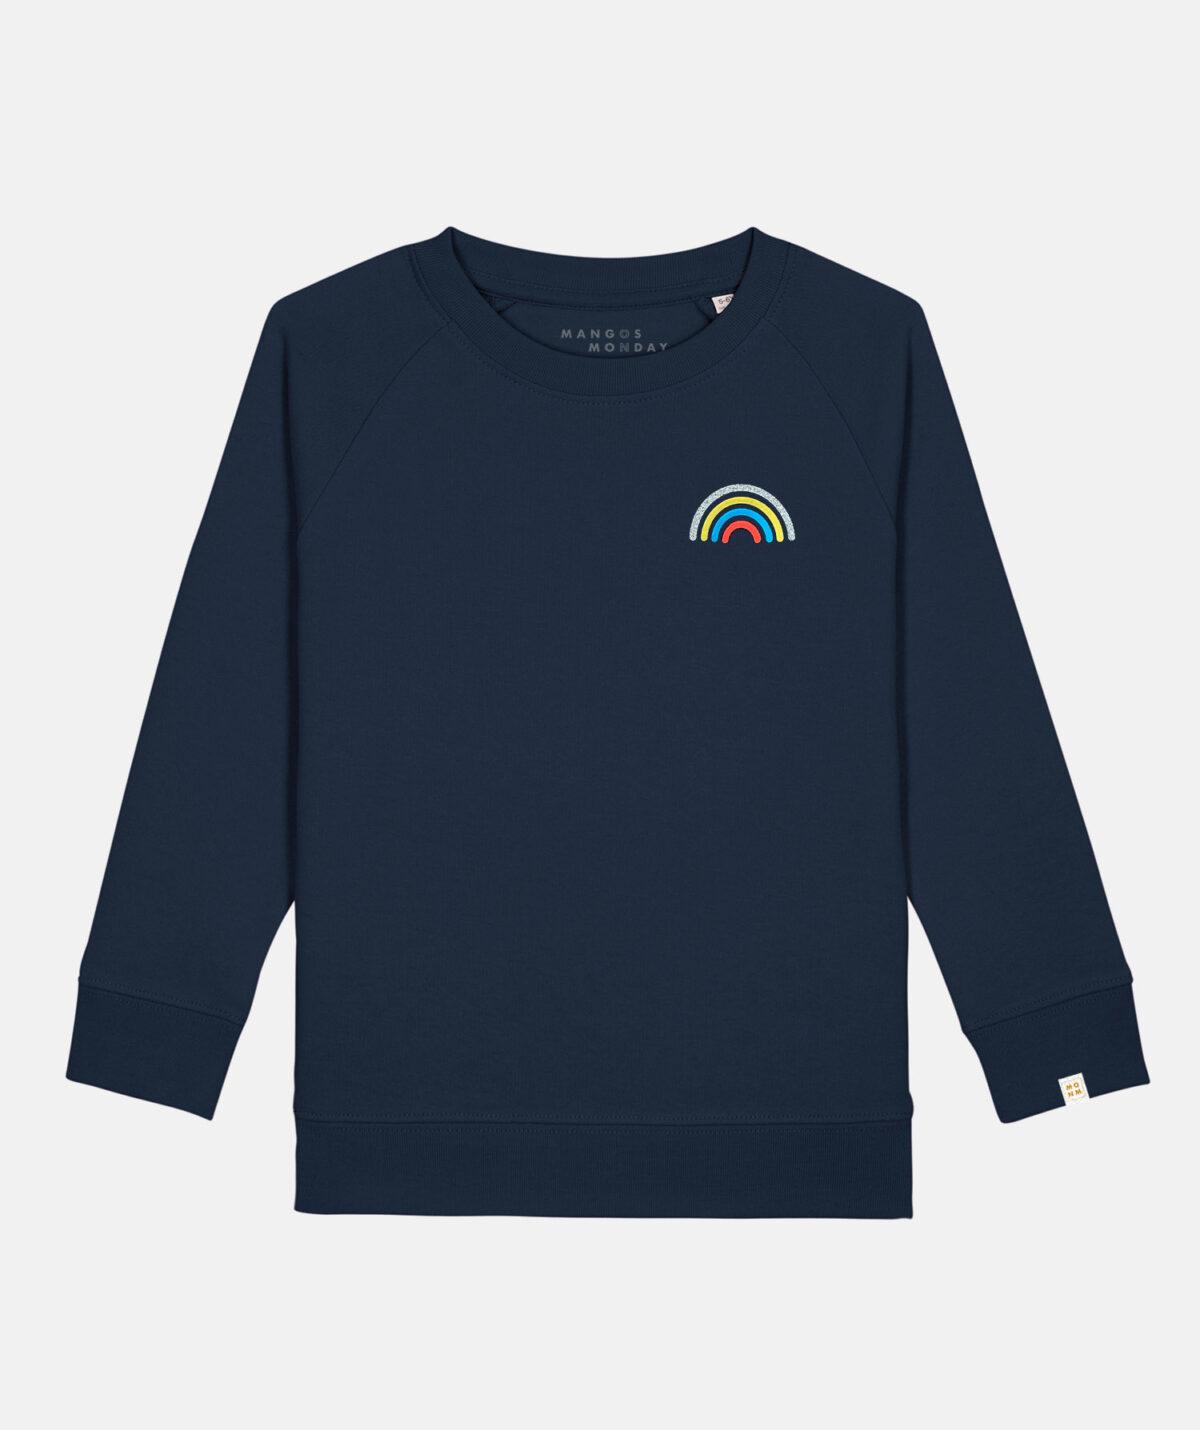 Rainbow kids twinning sweater by Mangos on Monday